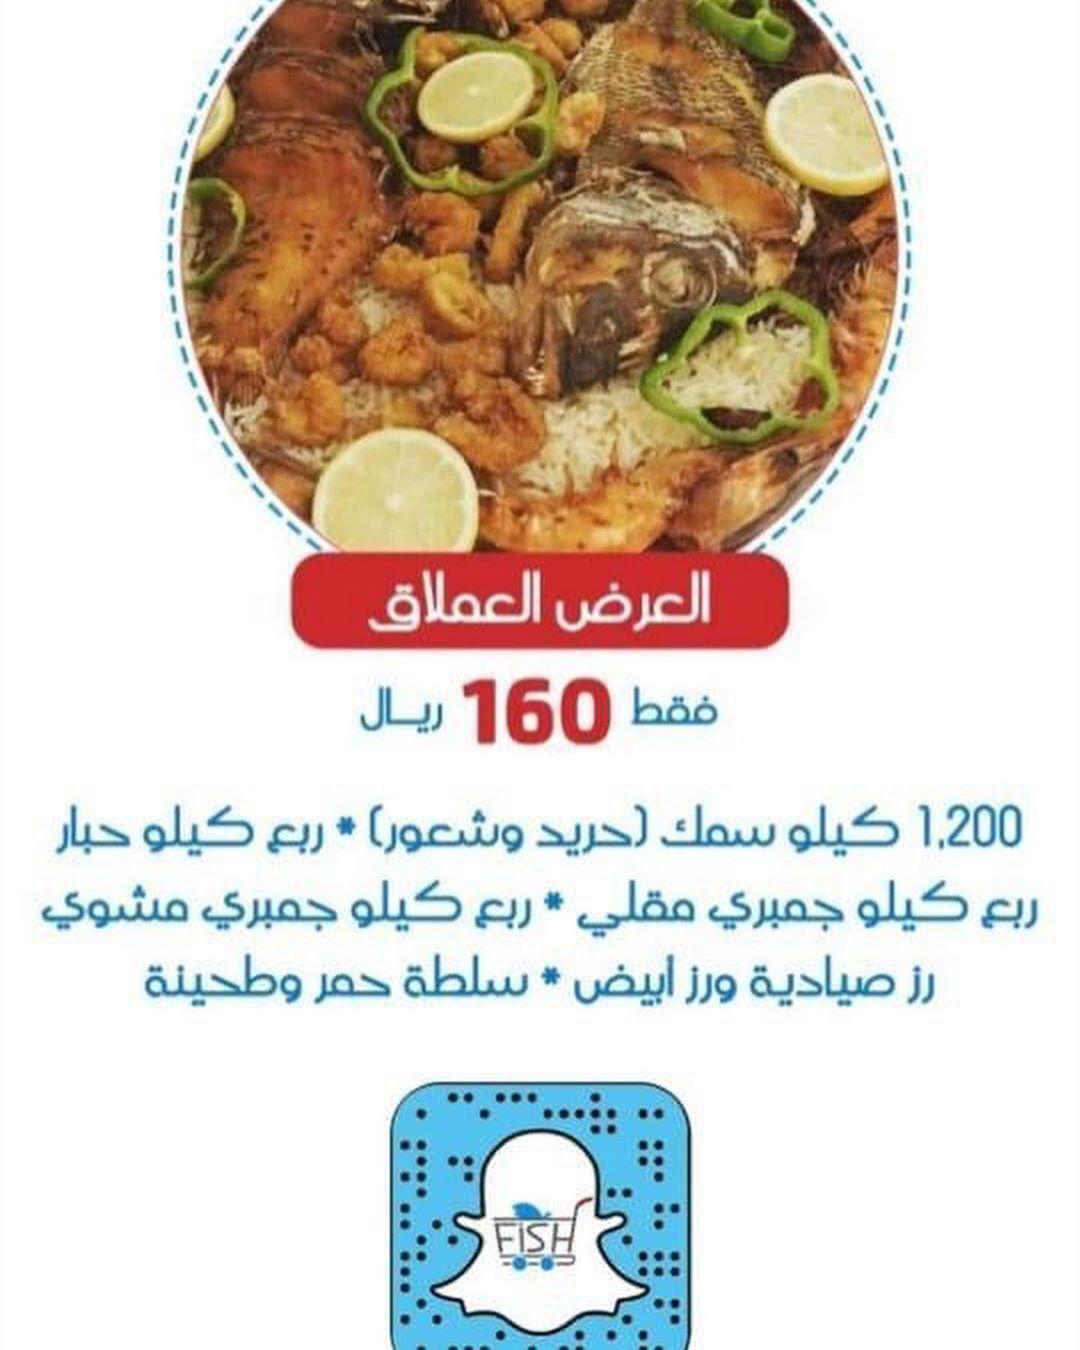 منيو مطعم سوق السمك الطازج في جدة